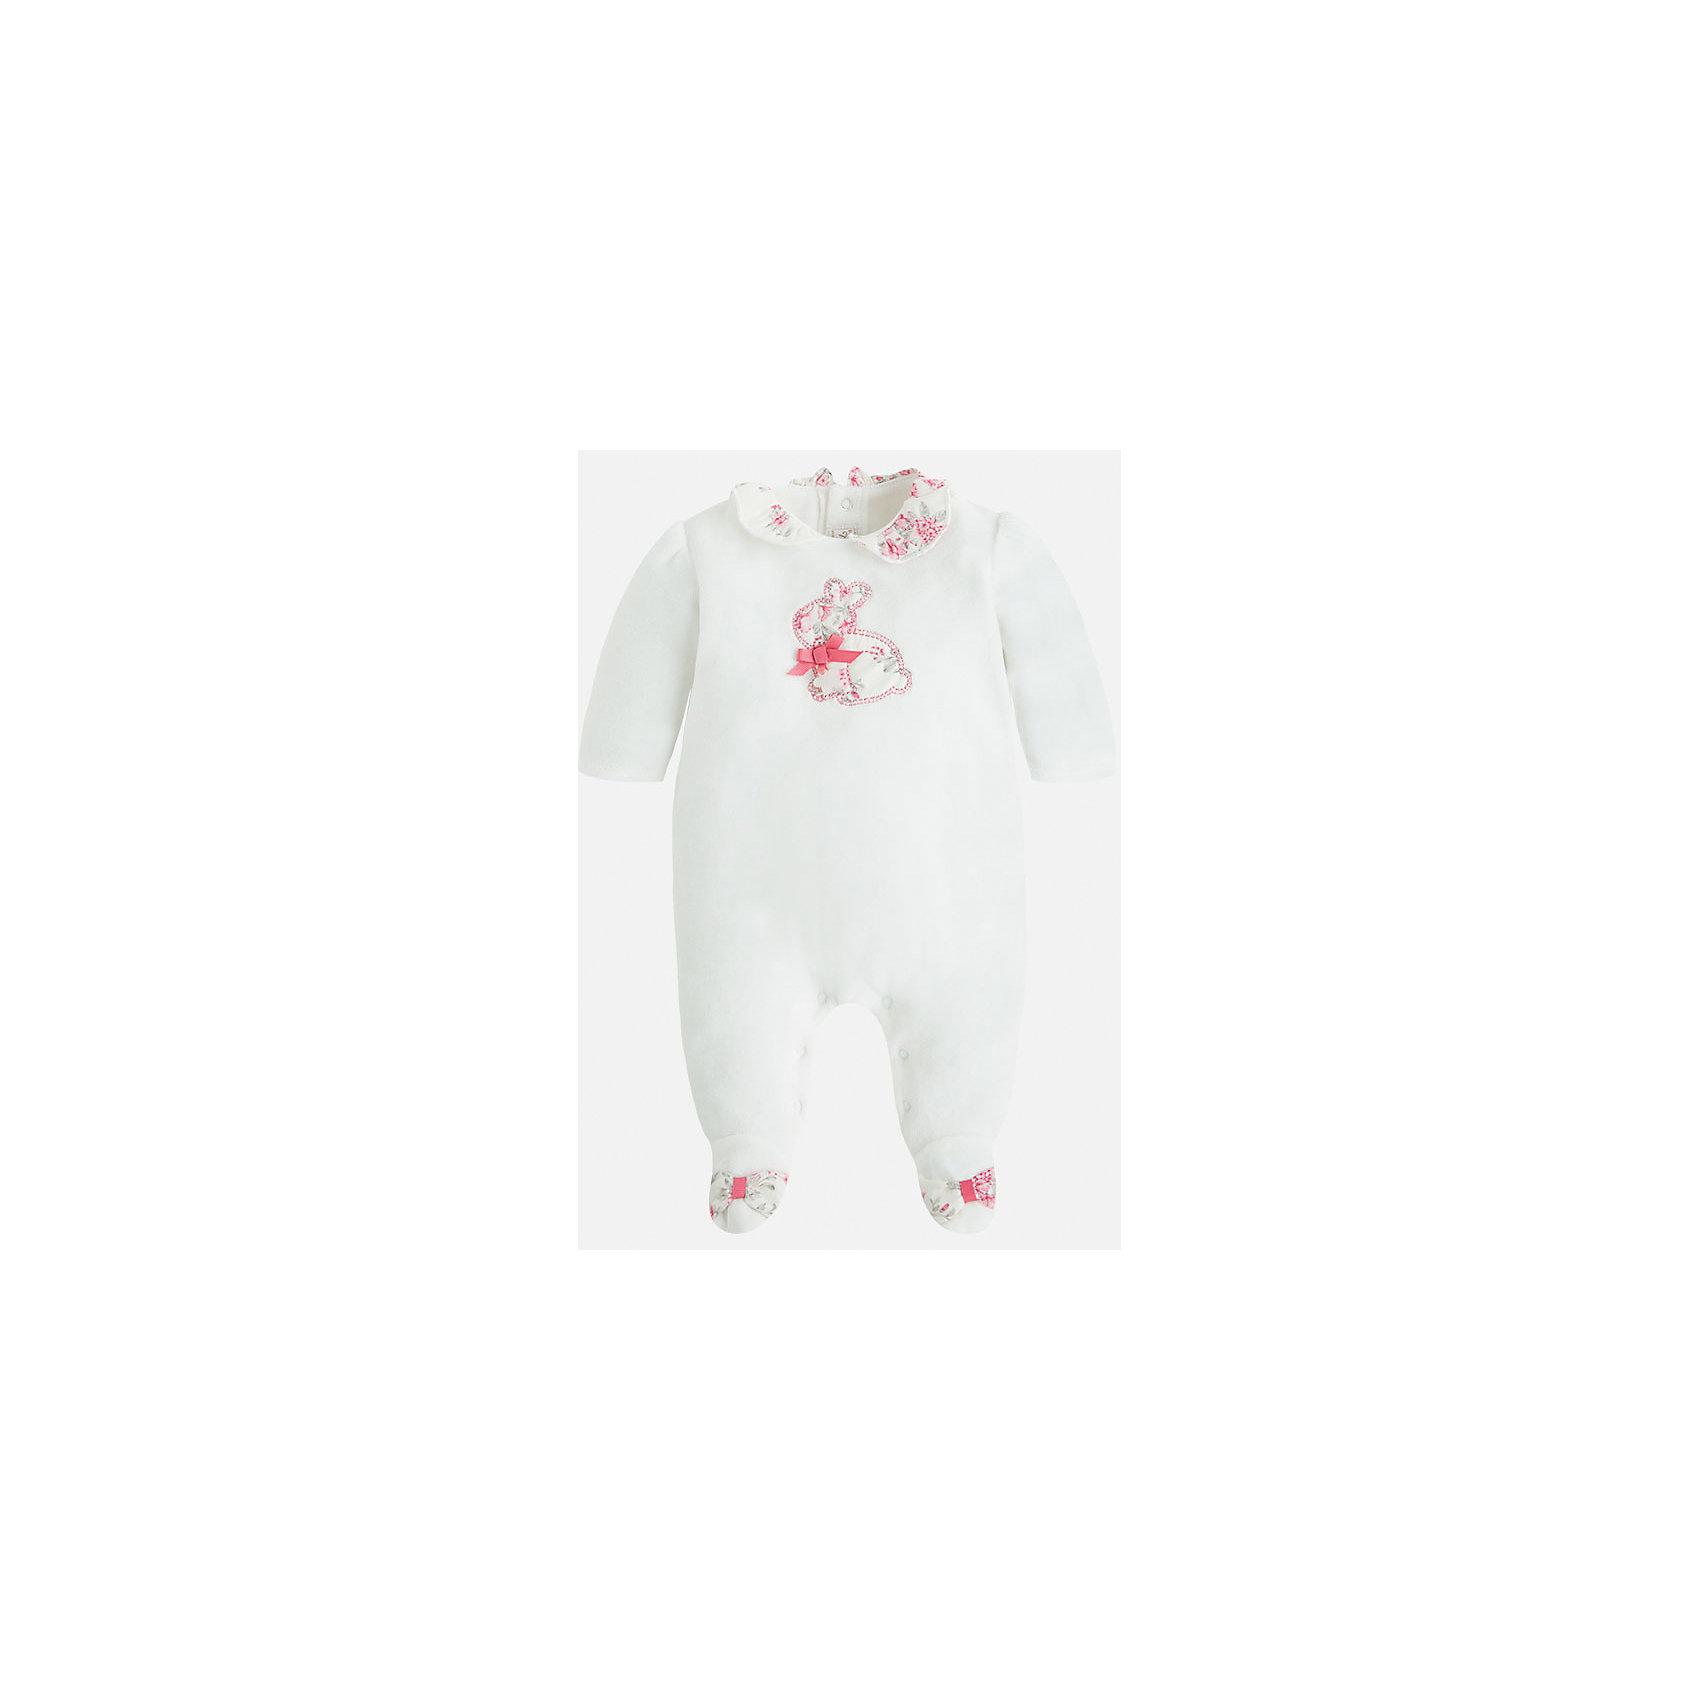 Пижама для девочки MayoralКрасивая и уютная пижама для новорожденных от испанской торговой марки    Майорал -Mayoral . Застежки-кнопки по всей длине модели позволяют легко снимать и одевать пижаму. Спереди небольшая вышивка зайчонка. У пижамы закрытые ножки и открытые ручки.<br><br>Дополнительная информация: <br><br>- цвет:  розовый<br>- состав: хлопок 80%, полиэстер 20%<br>- длина рукава: длинные<br>- фактура материала: текстильный<br>- вид застежки: кнопки<br>- уход за вещами: бережная стирка при 30 градусах<br>- рисунок: без  рисунка<br>- назначение: повседневная<br>- сезон: круглогодичный<br>- пол: девочки<br>- страна бренда: Испания<br>- комплектация: пижама<br><br>Пижаму для девочки торговой марки    Майорал  можно купить в нашем интернет-магазине.<br><br>Ширина мм: 281<br>Глубина мм: 70<br>Высота мм: 188<br>Вес г: 295<br>Цвет: бежевый<br>Возраст от месяцев: 24<br>Возраст до месяцев: 36<br>Пол: Женский<br>Возраст: Детский<br>Размер: 50,56,62,68<br>SKU: 4846129